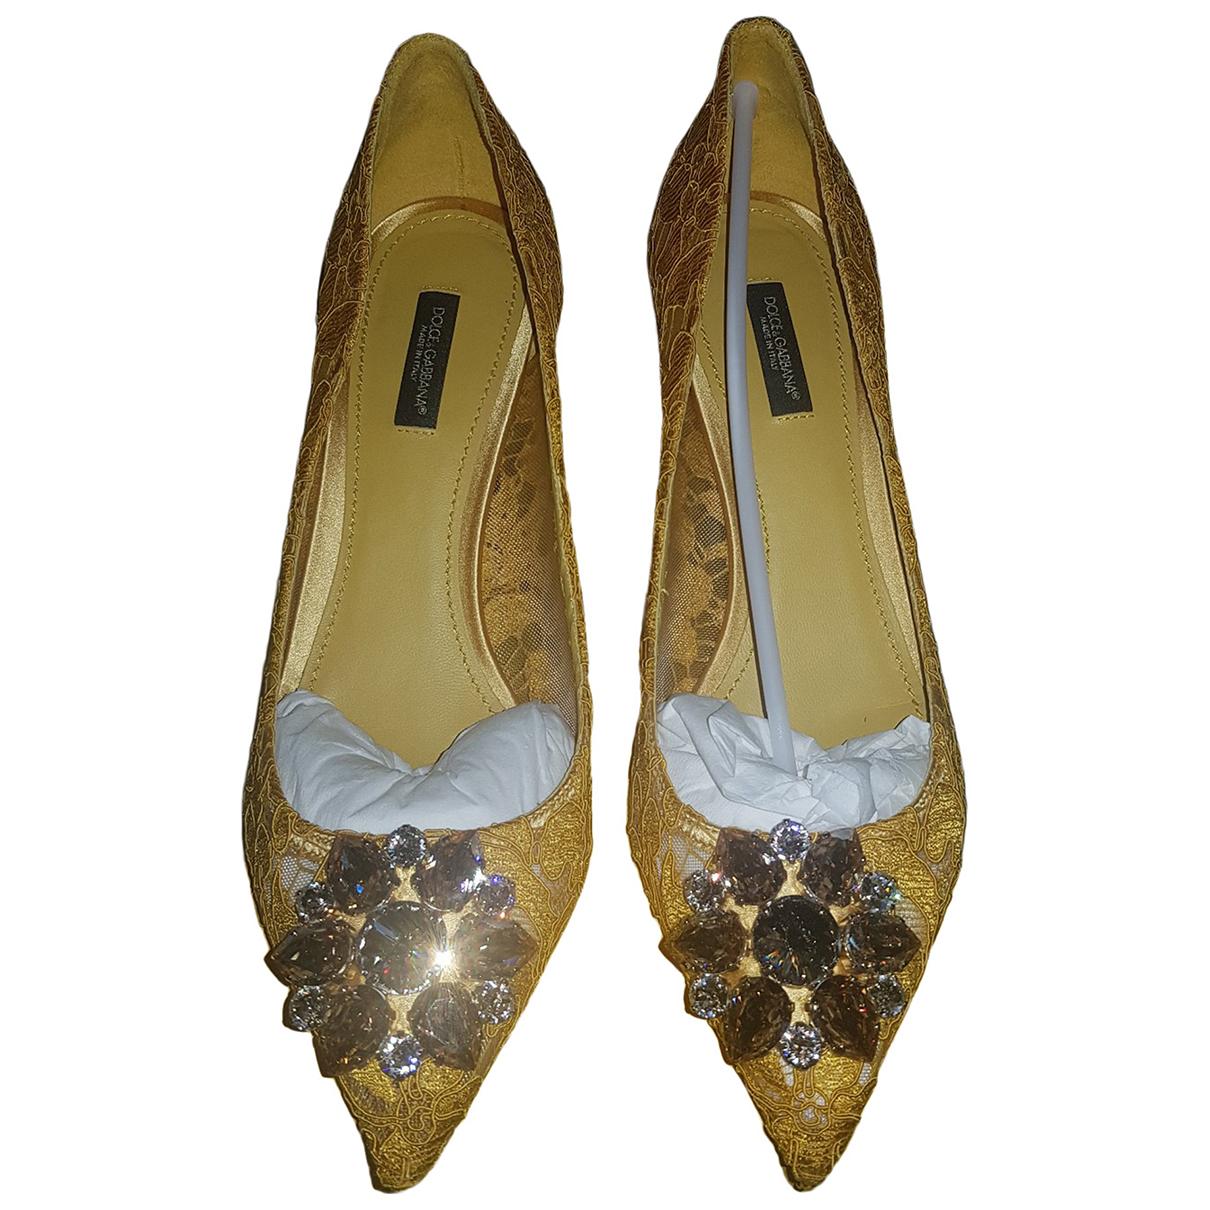 Dolce & Gabbana - Escarpins Taormina pour femme en toile - jaune